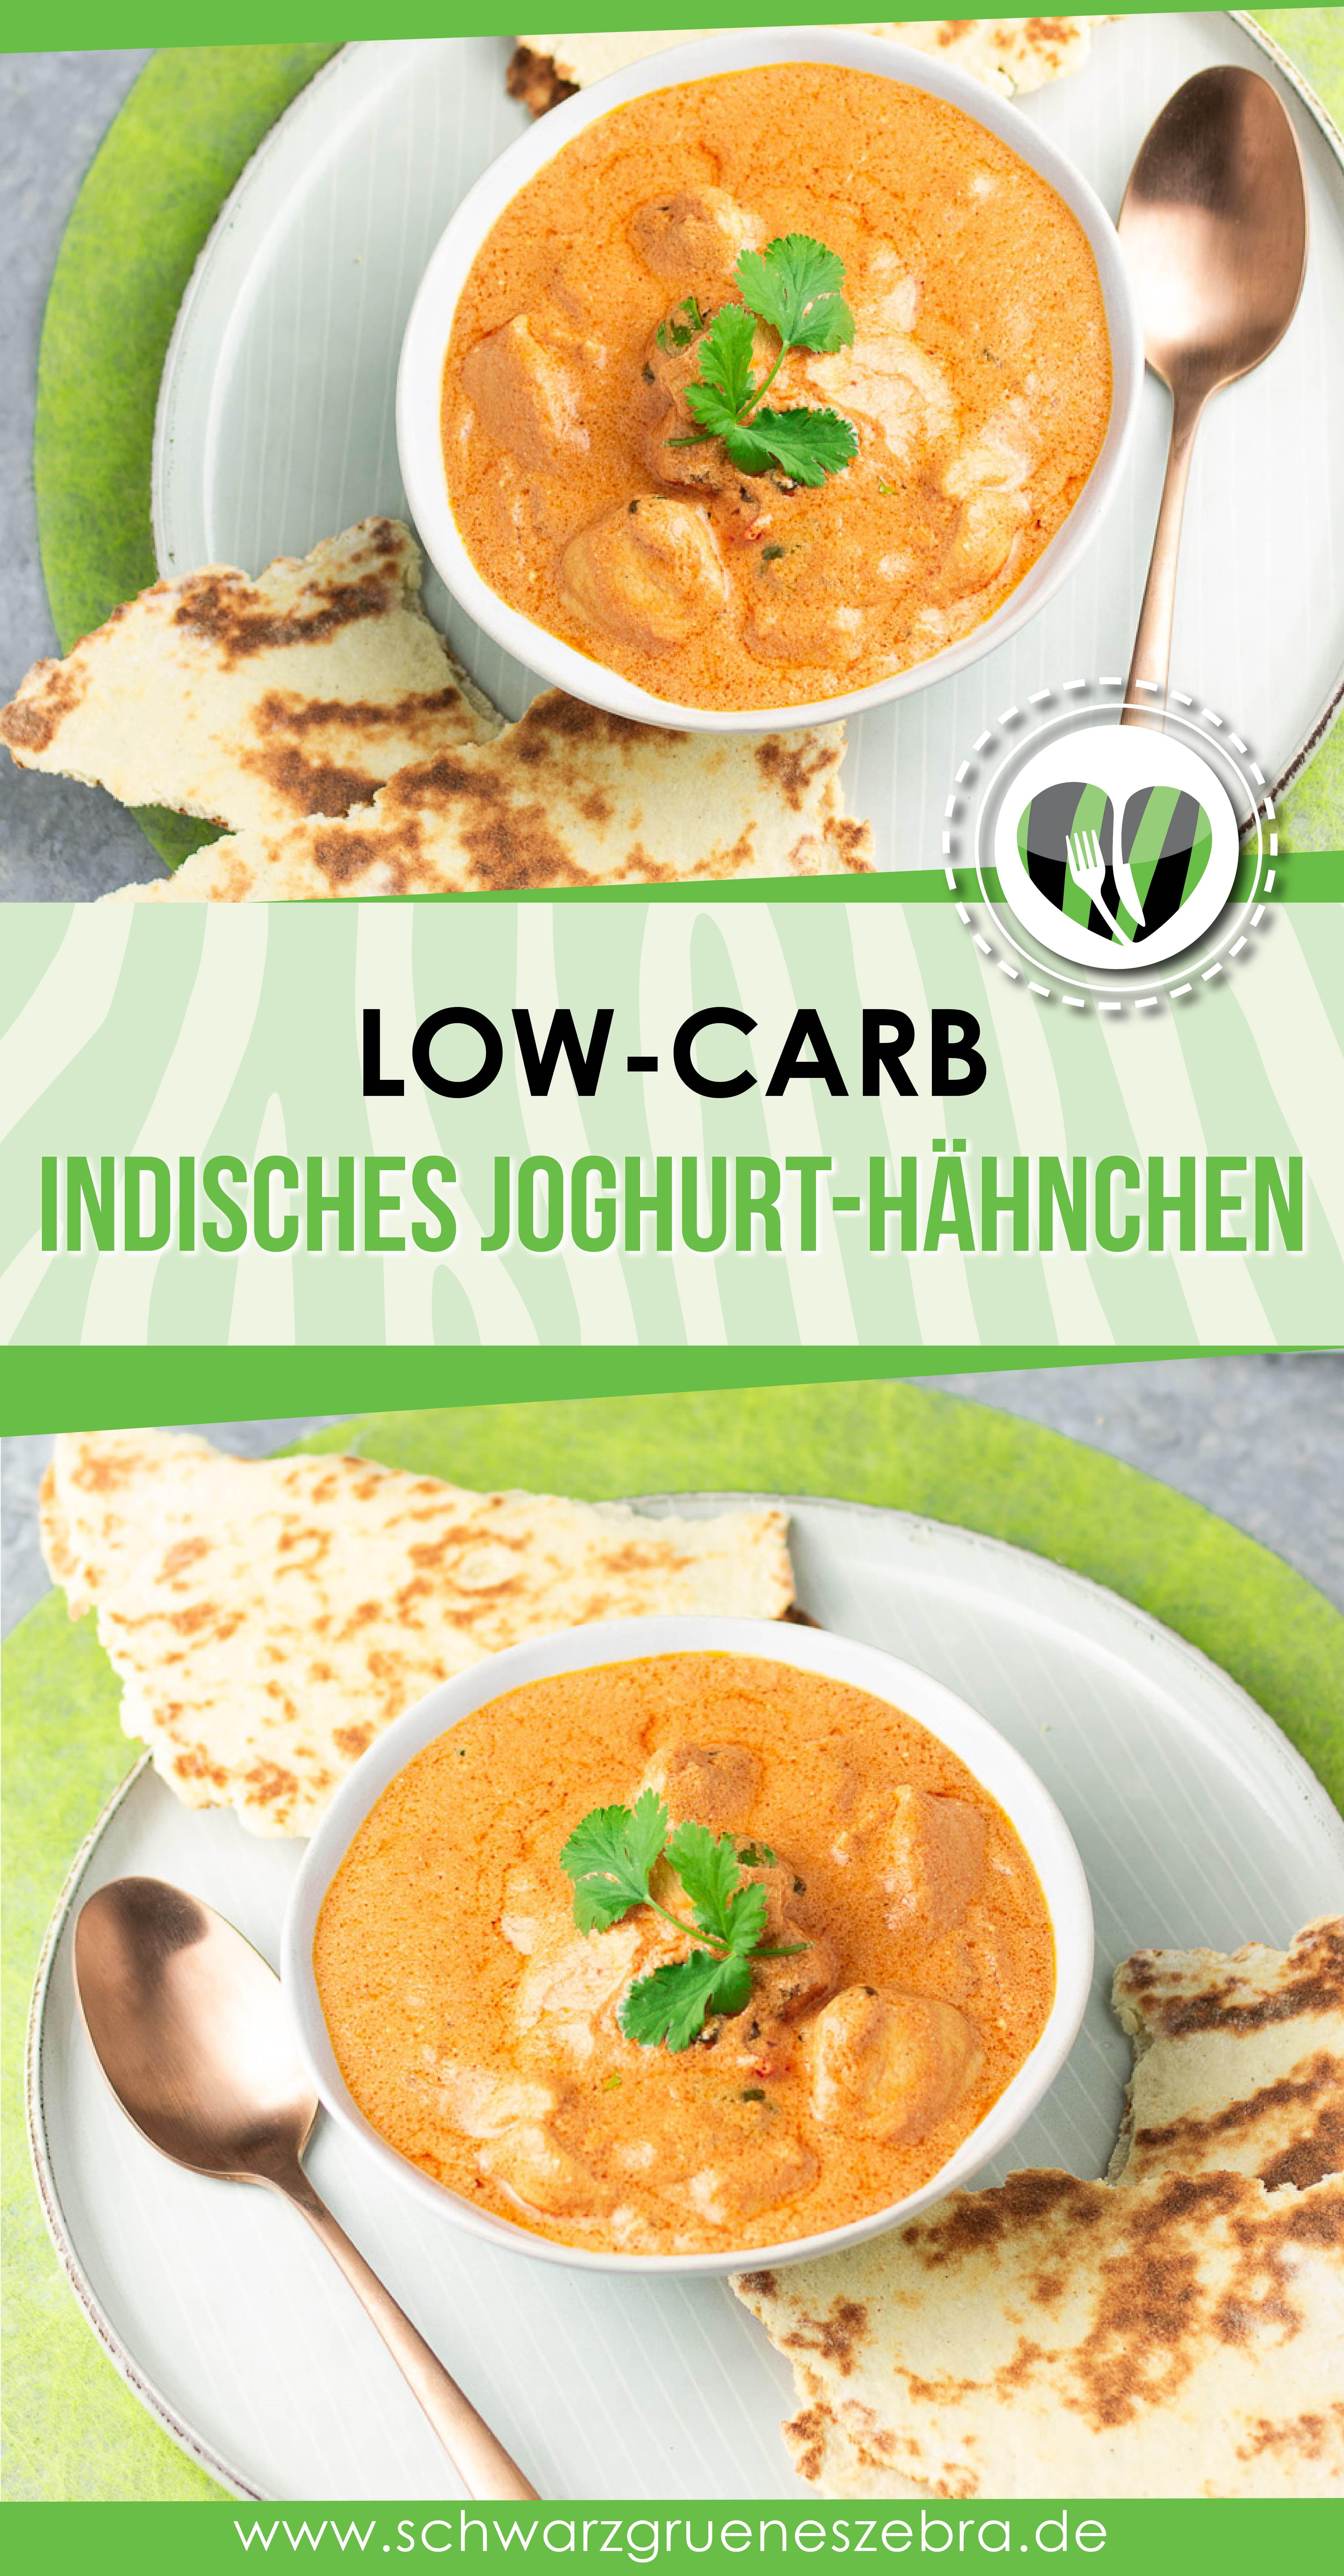 Indisches Joghurt-Hähnchen mit LC Naanbrot - LCHF - KETO